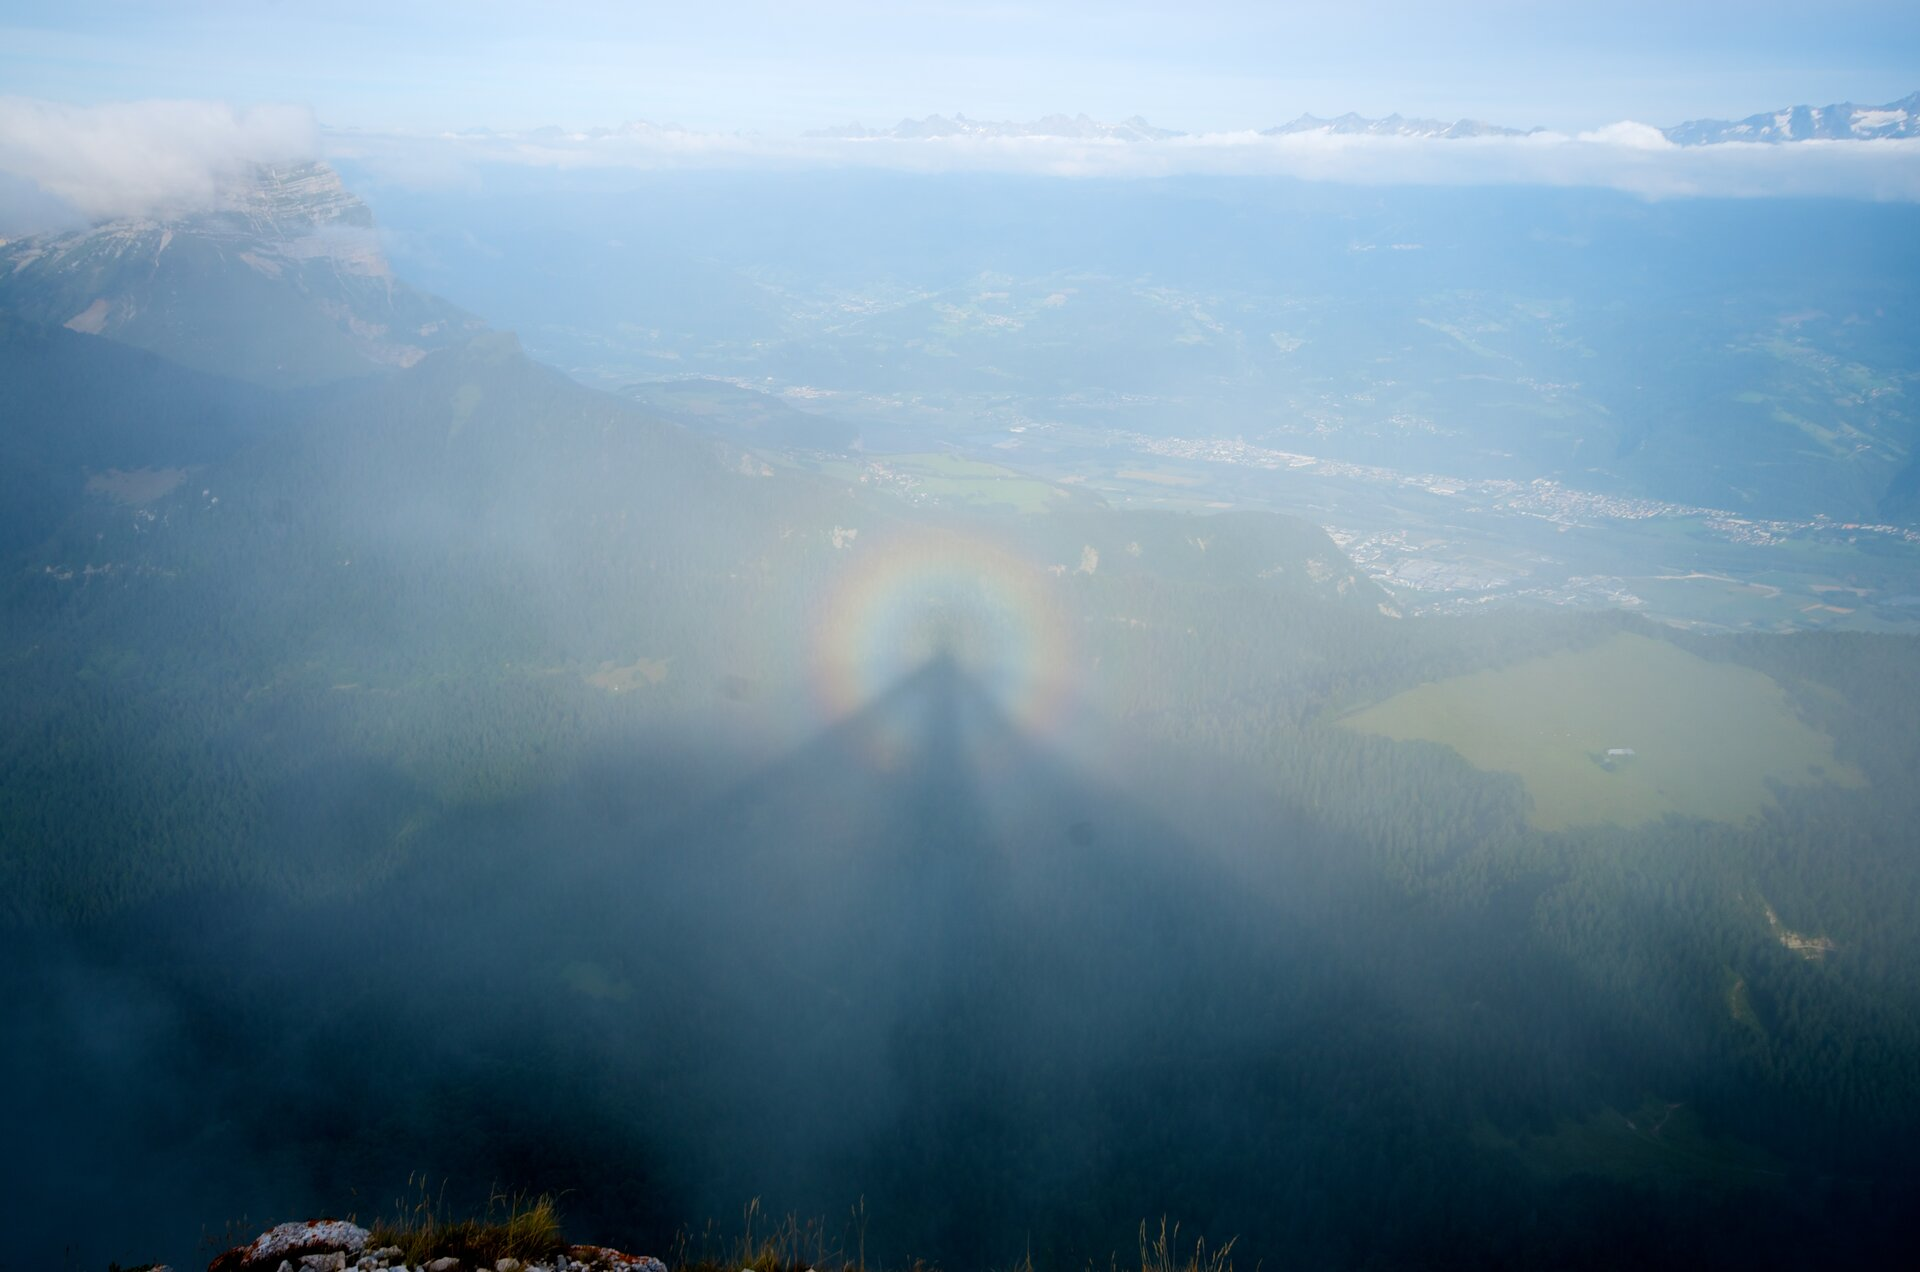 Fotografia prezentuje zjawisko optyczne spotykane wgórach, nazwane Widmem BrockenuNa fotografii widoczny cień osoby na chmurze, która znajduje się poniżej obserwatora. Cień otoczony jest tęczową obwódką zwaną glorią.